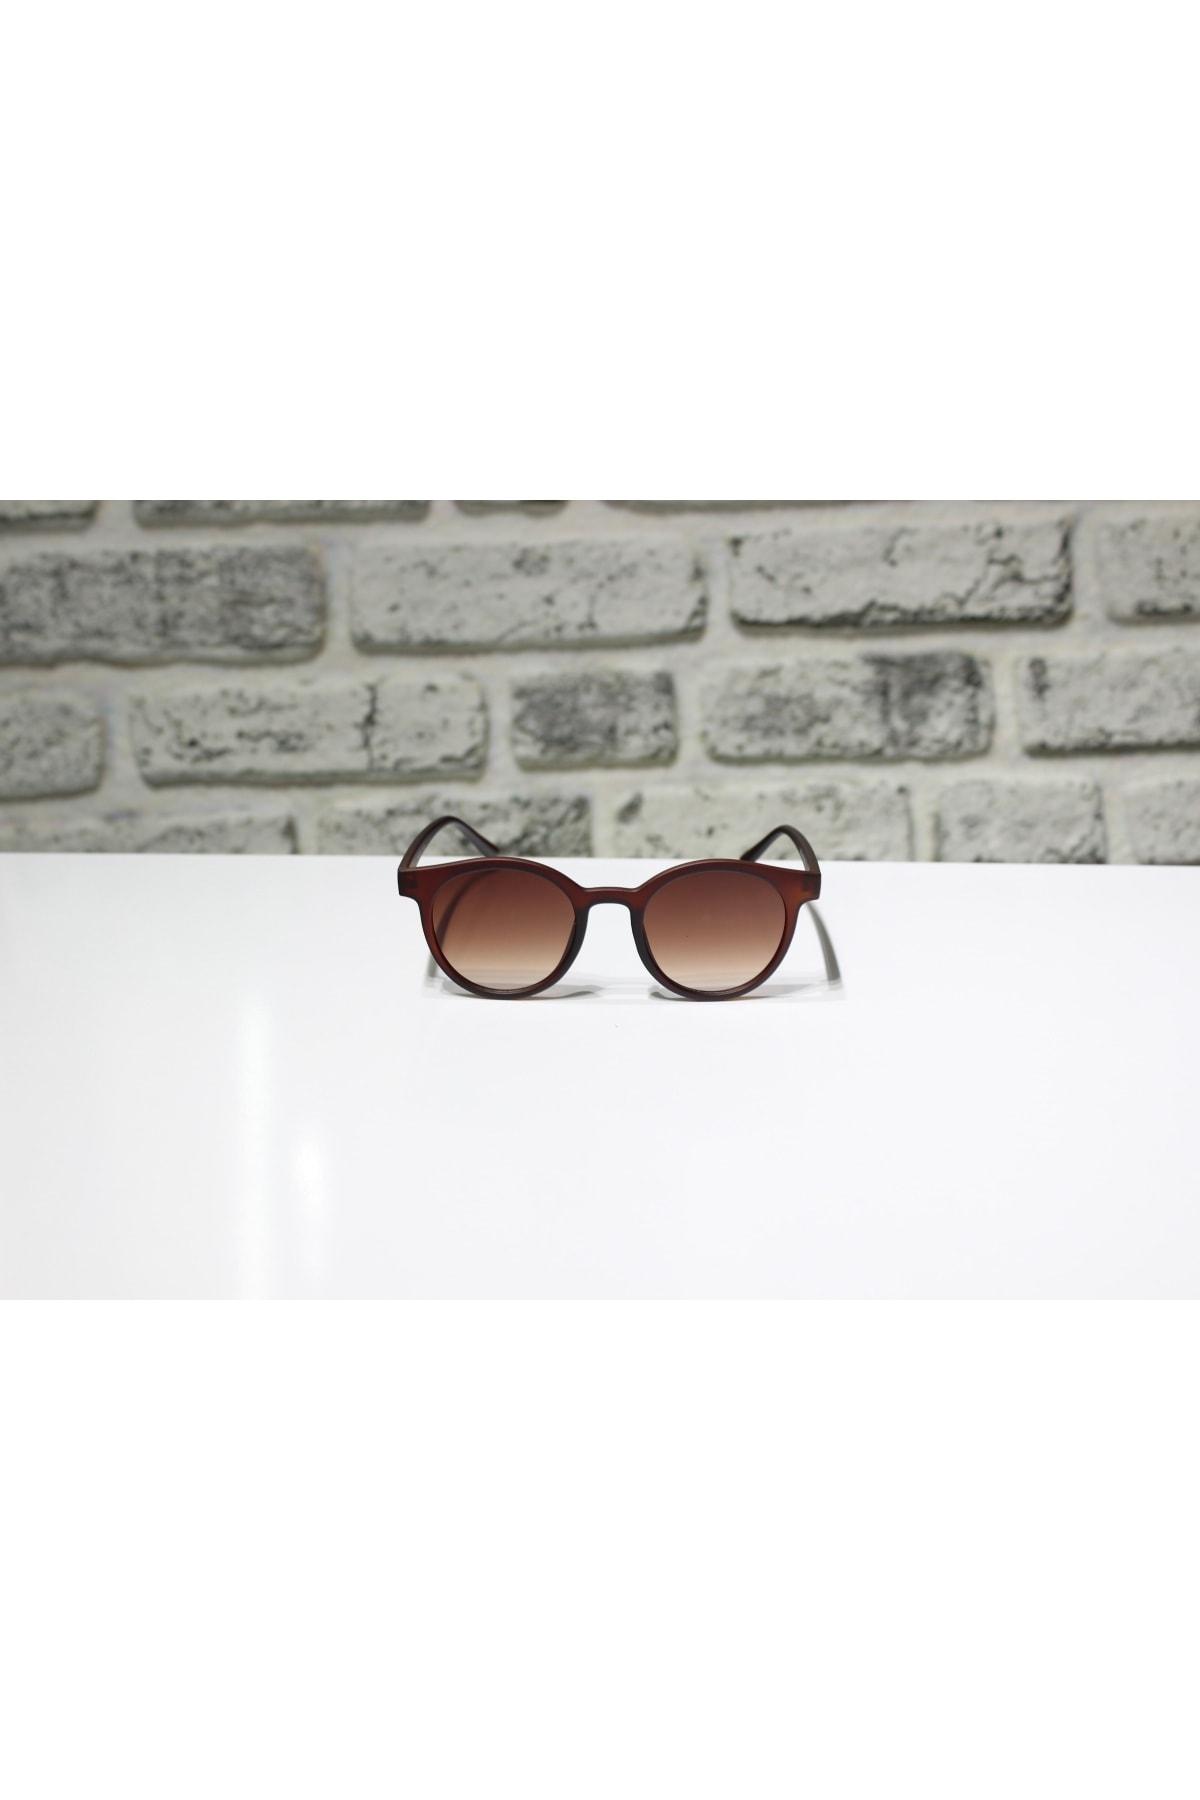 خرید عینک آفتابی خفن برند Piu رنگ قهوه ای کد ty52531967